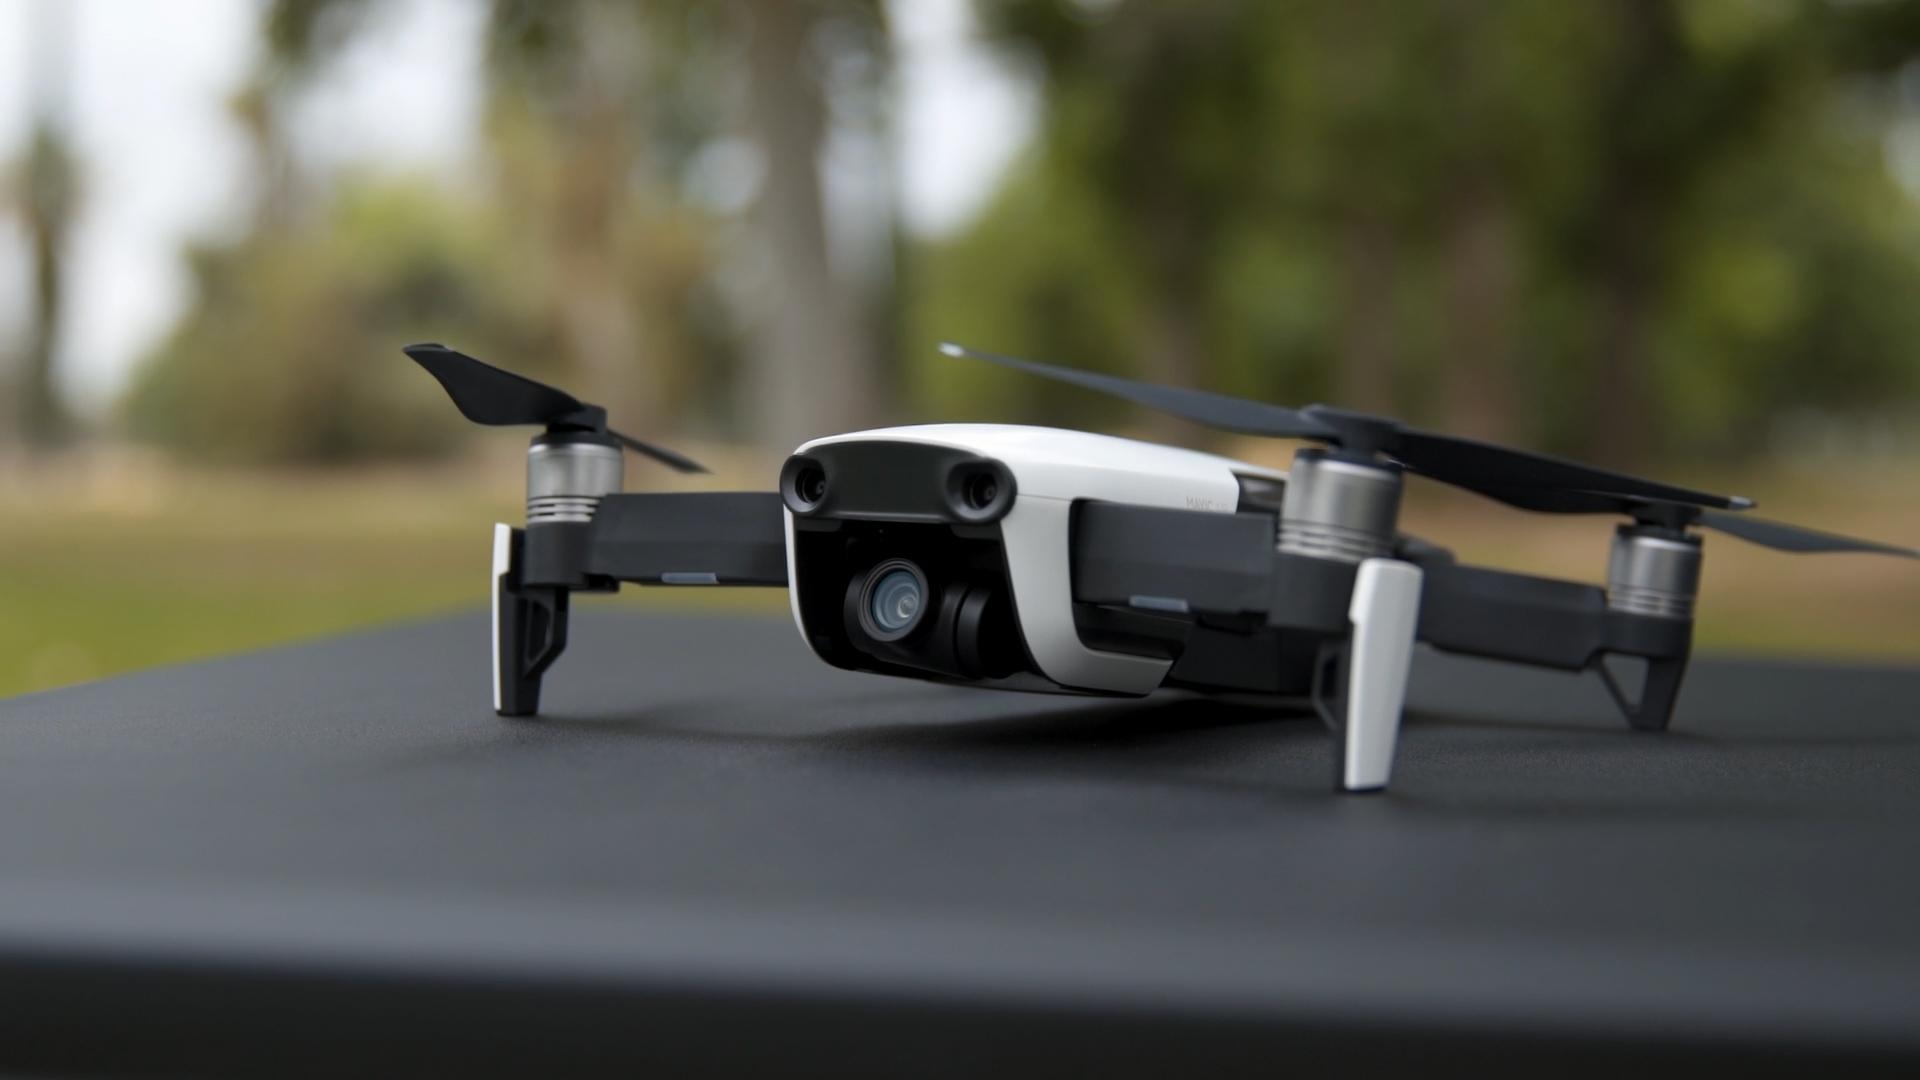 From Where I Drone DJI Mavic Air - 35